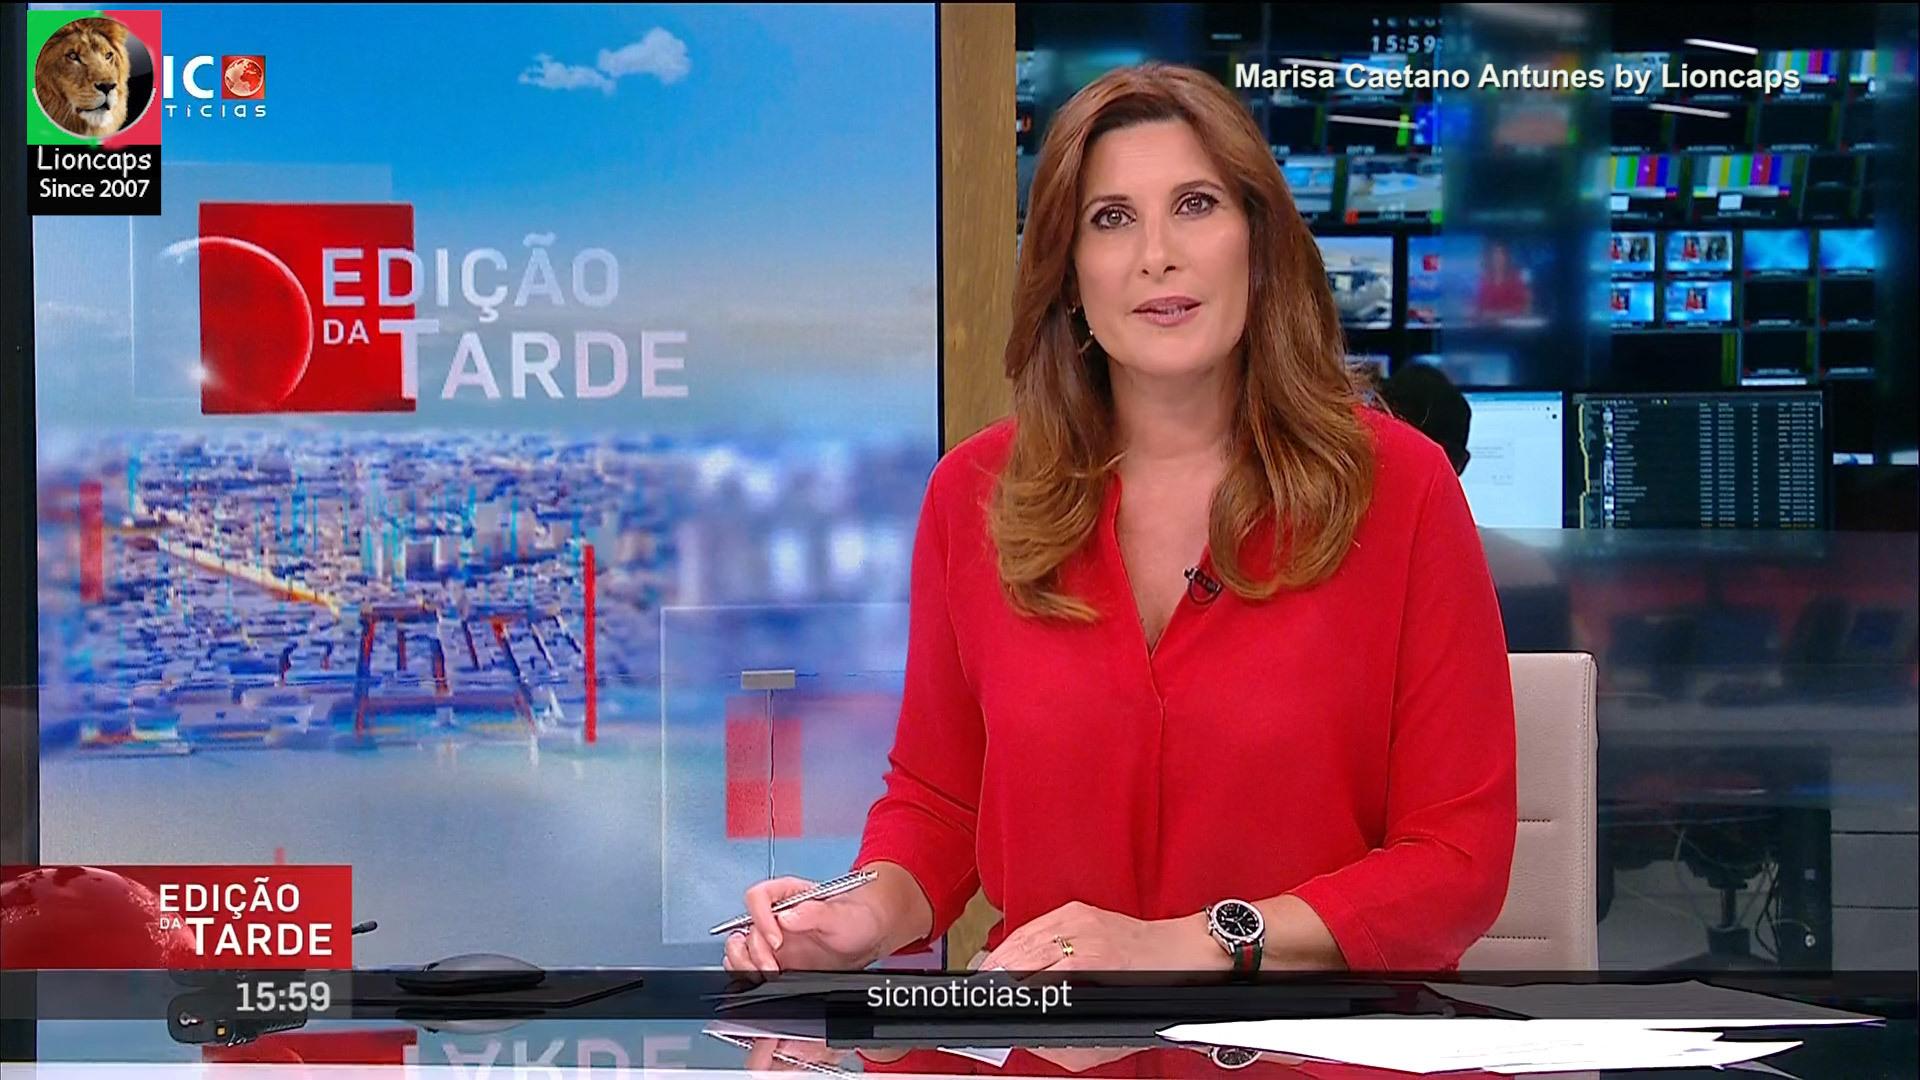 marisa_caetano_antunes_lioncaps_24_07_2021 (12).jpg